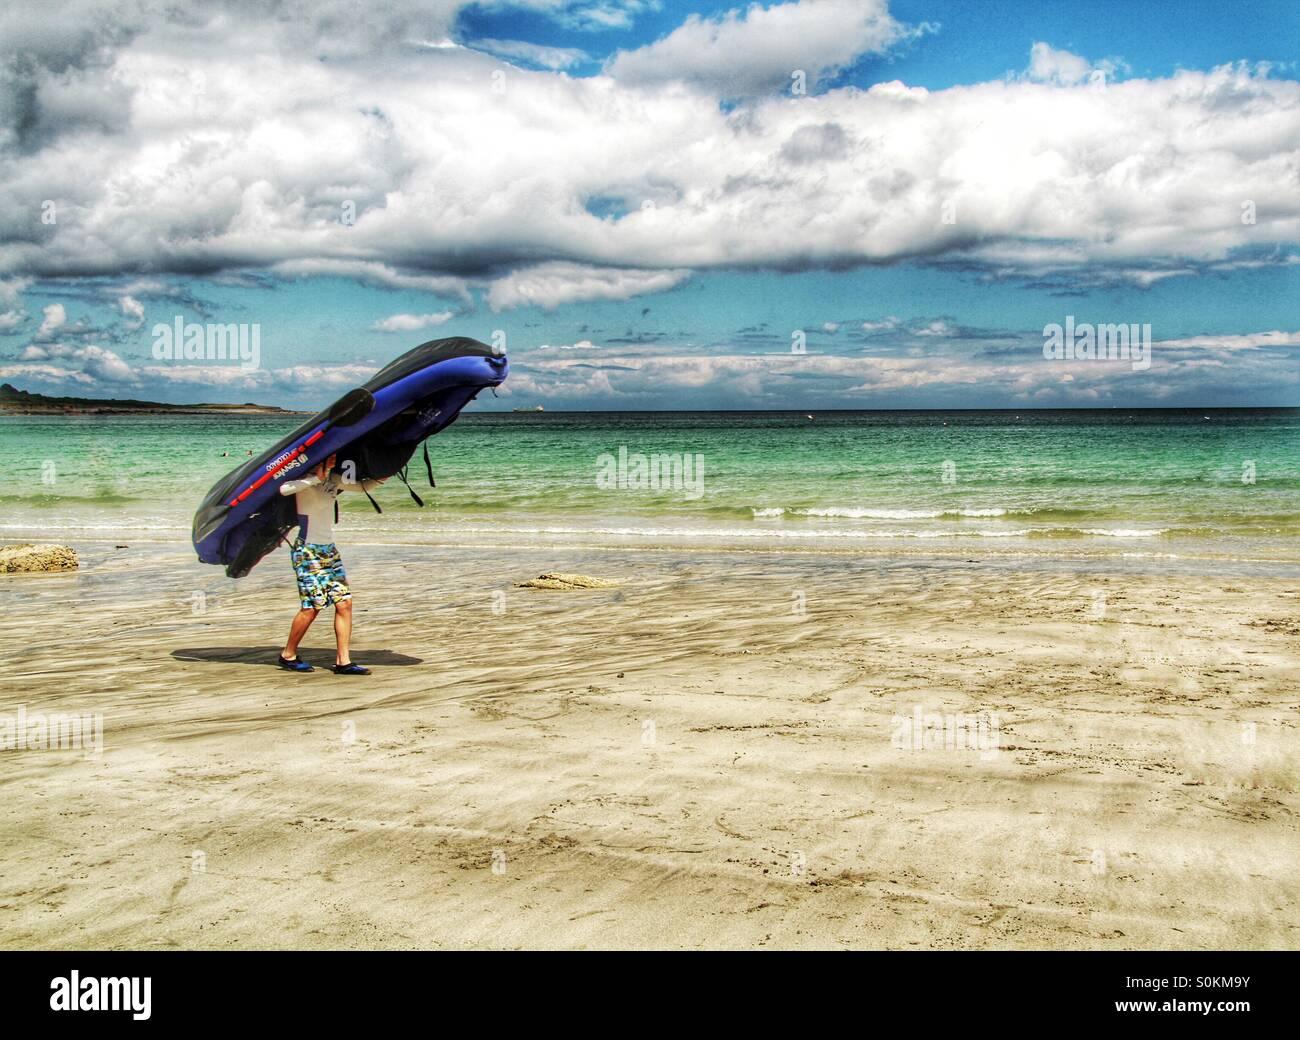 Un garçon portant une annexe gonflable sur sa tête alors qu'il est marchant le long d'une plage Photo Stock